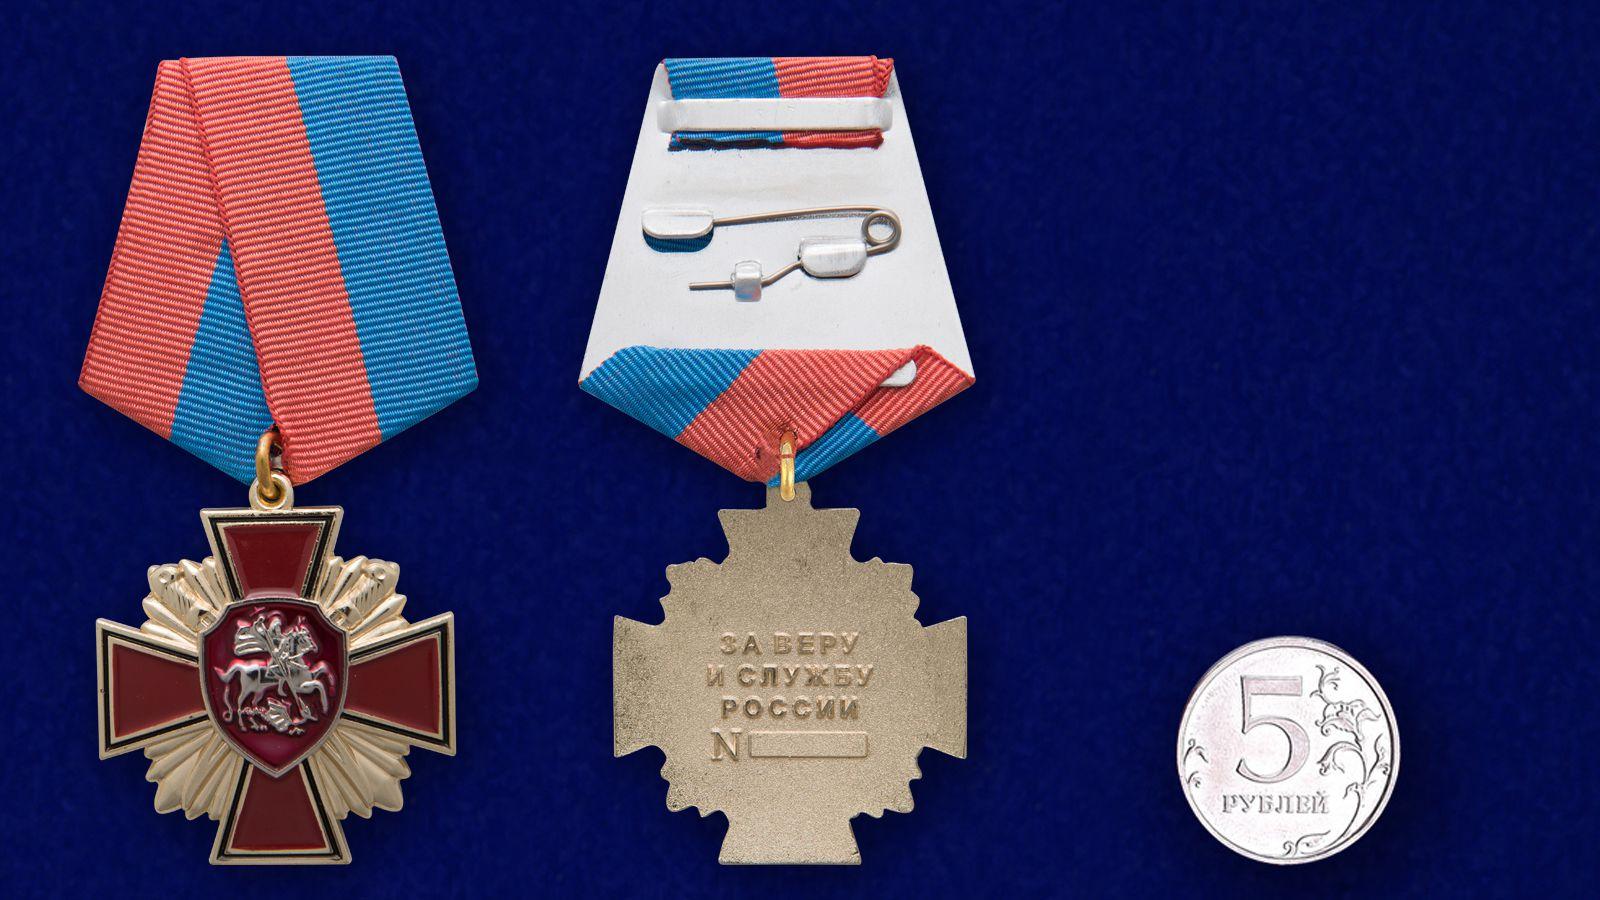 """Медаль """"За веру и службу России"""" в футляре из темно-бордового флока - сравнительный вид"""